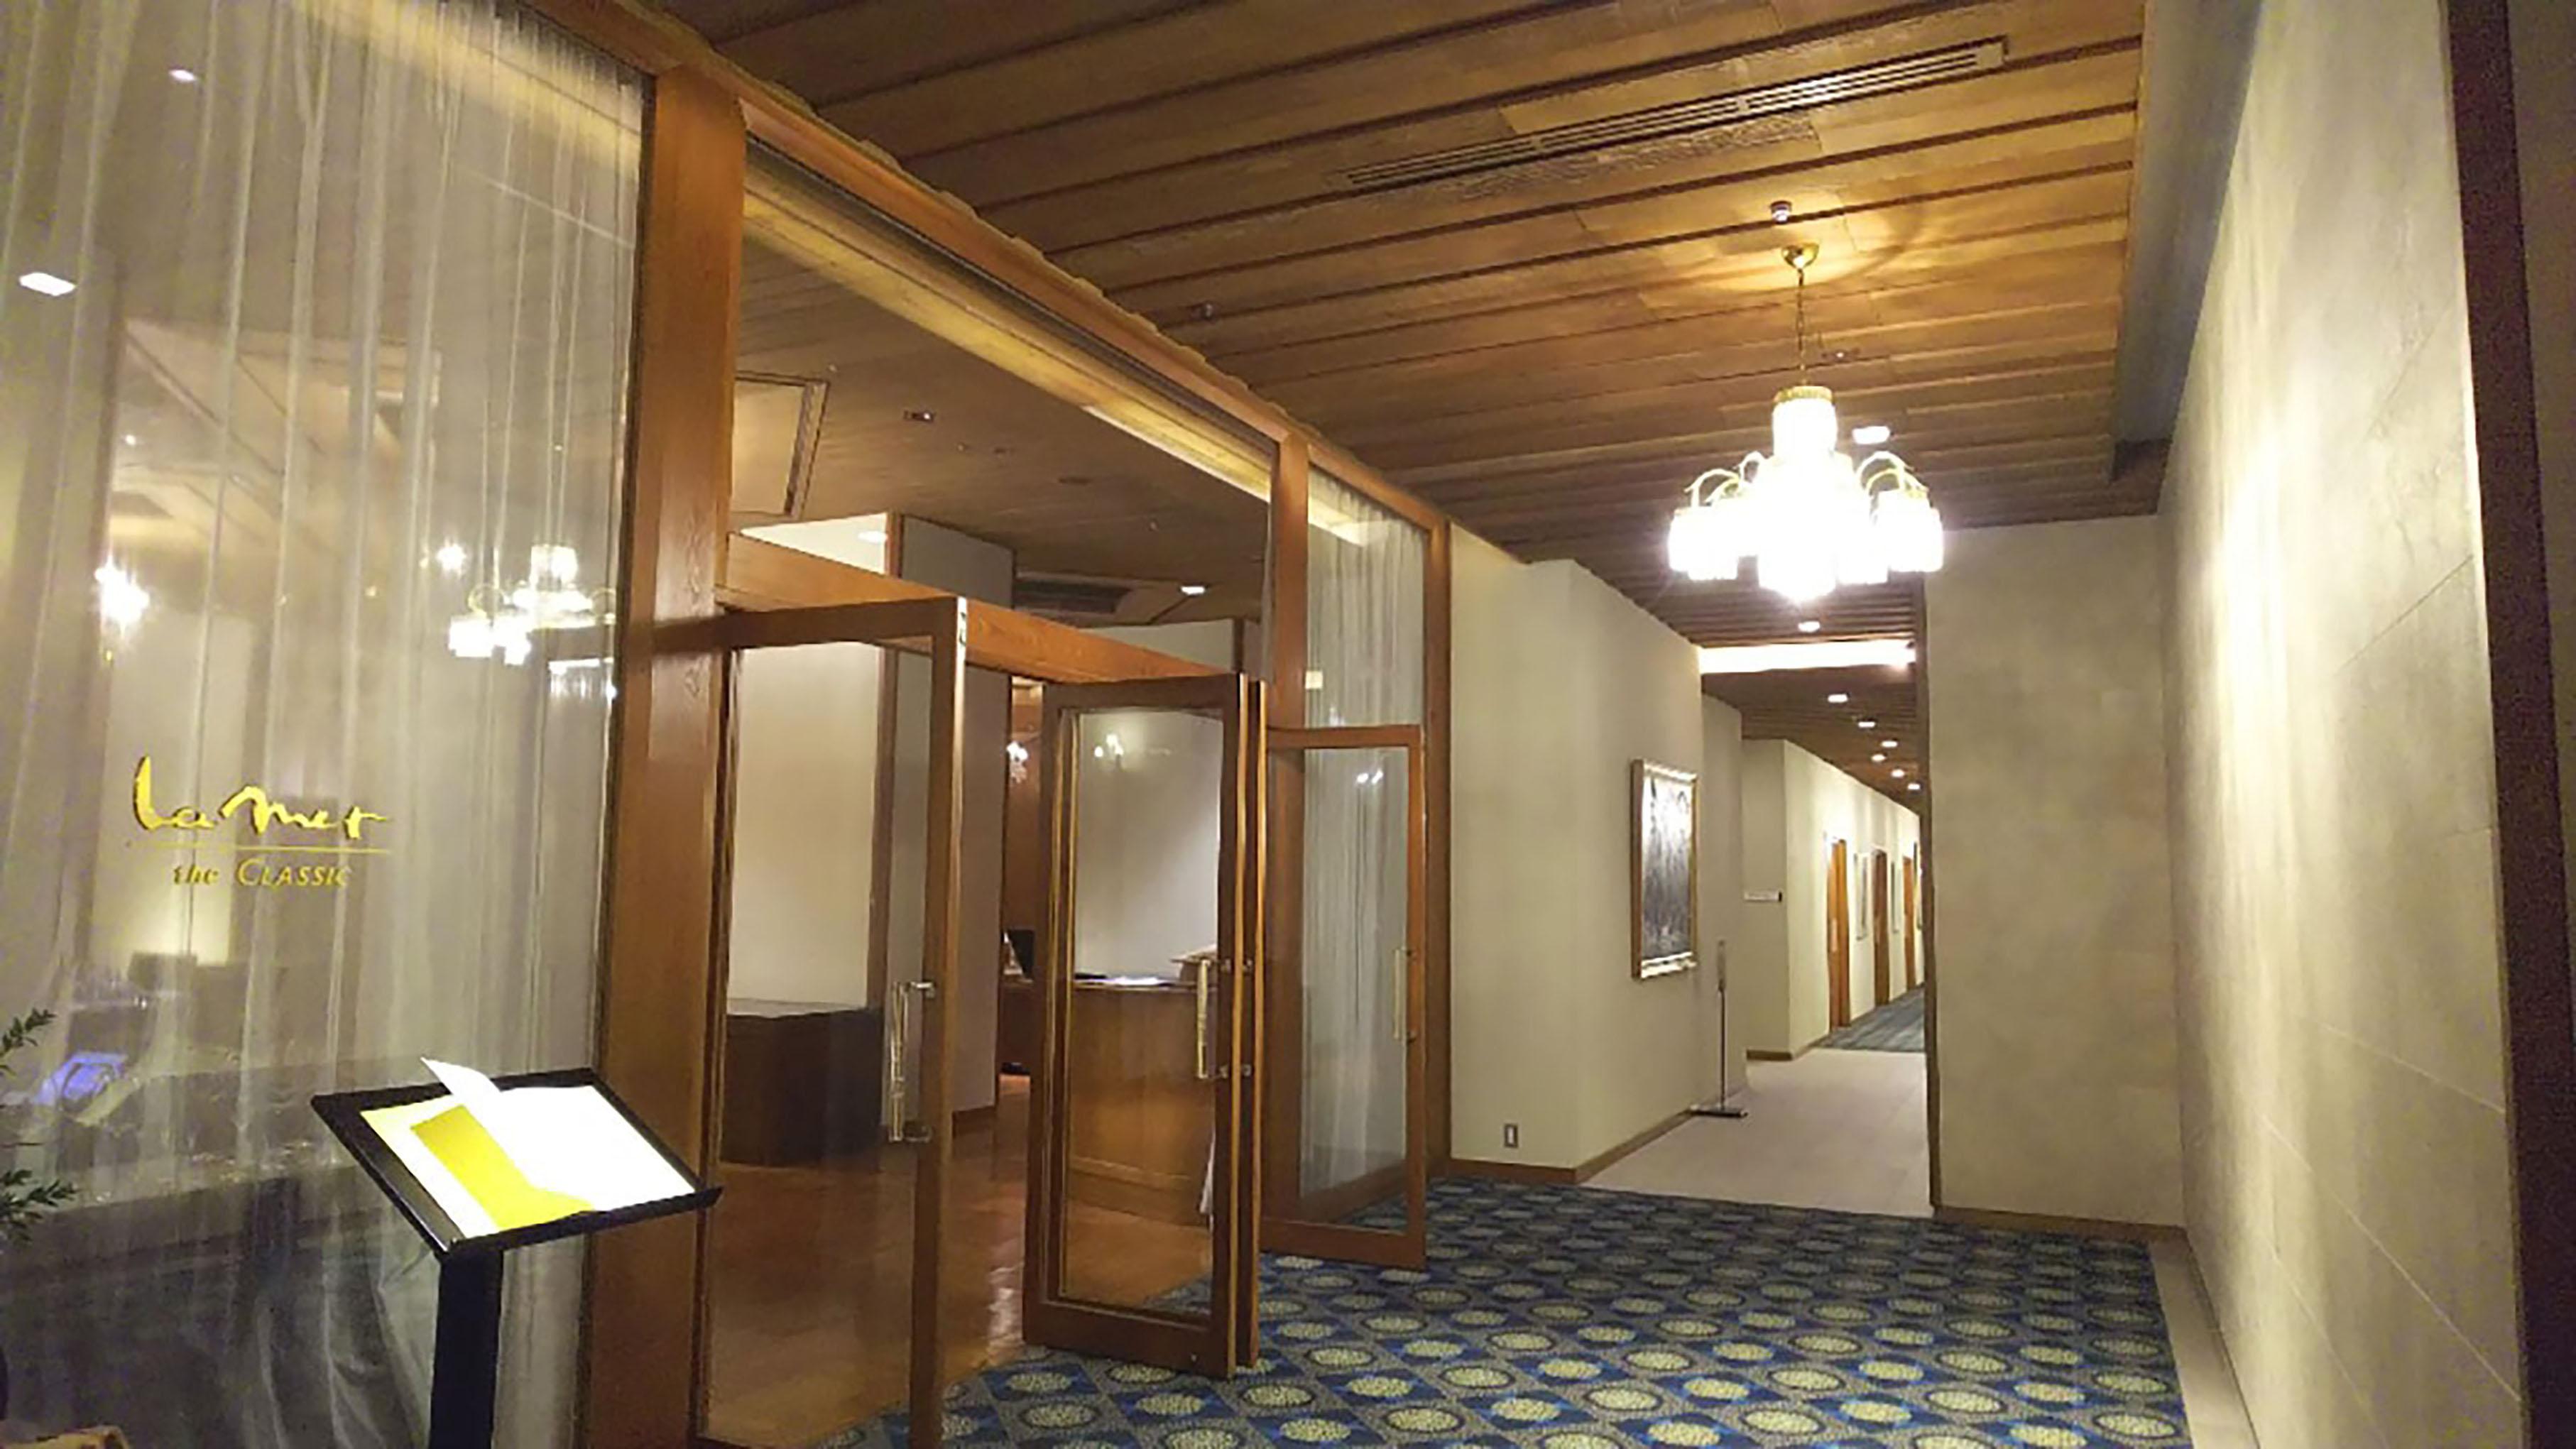 志摩観光ホテルラメールザクラシック入り口